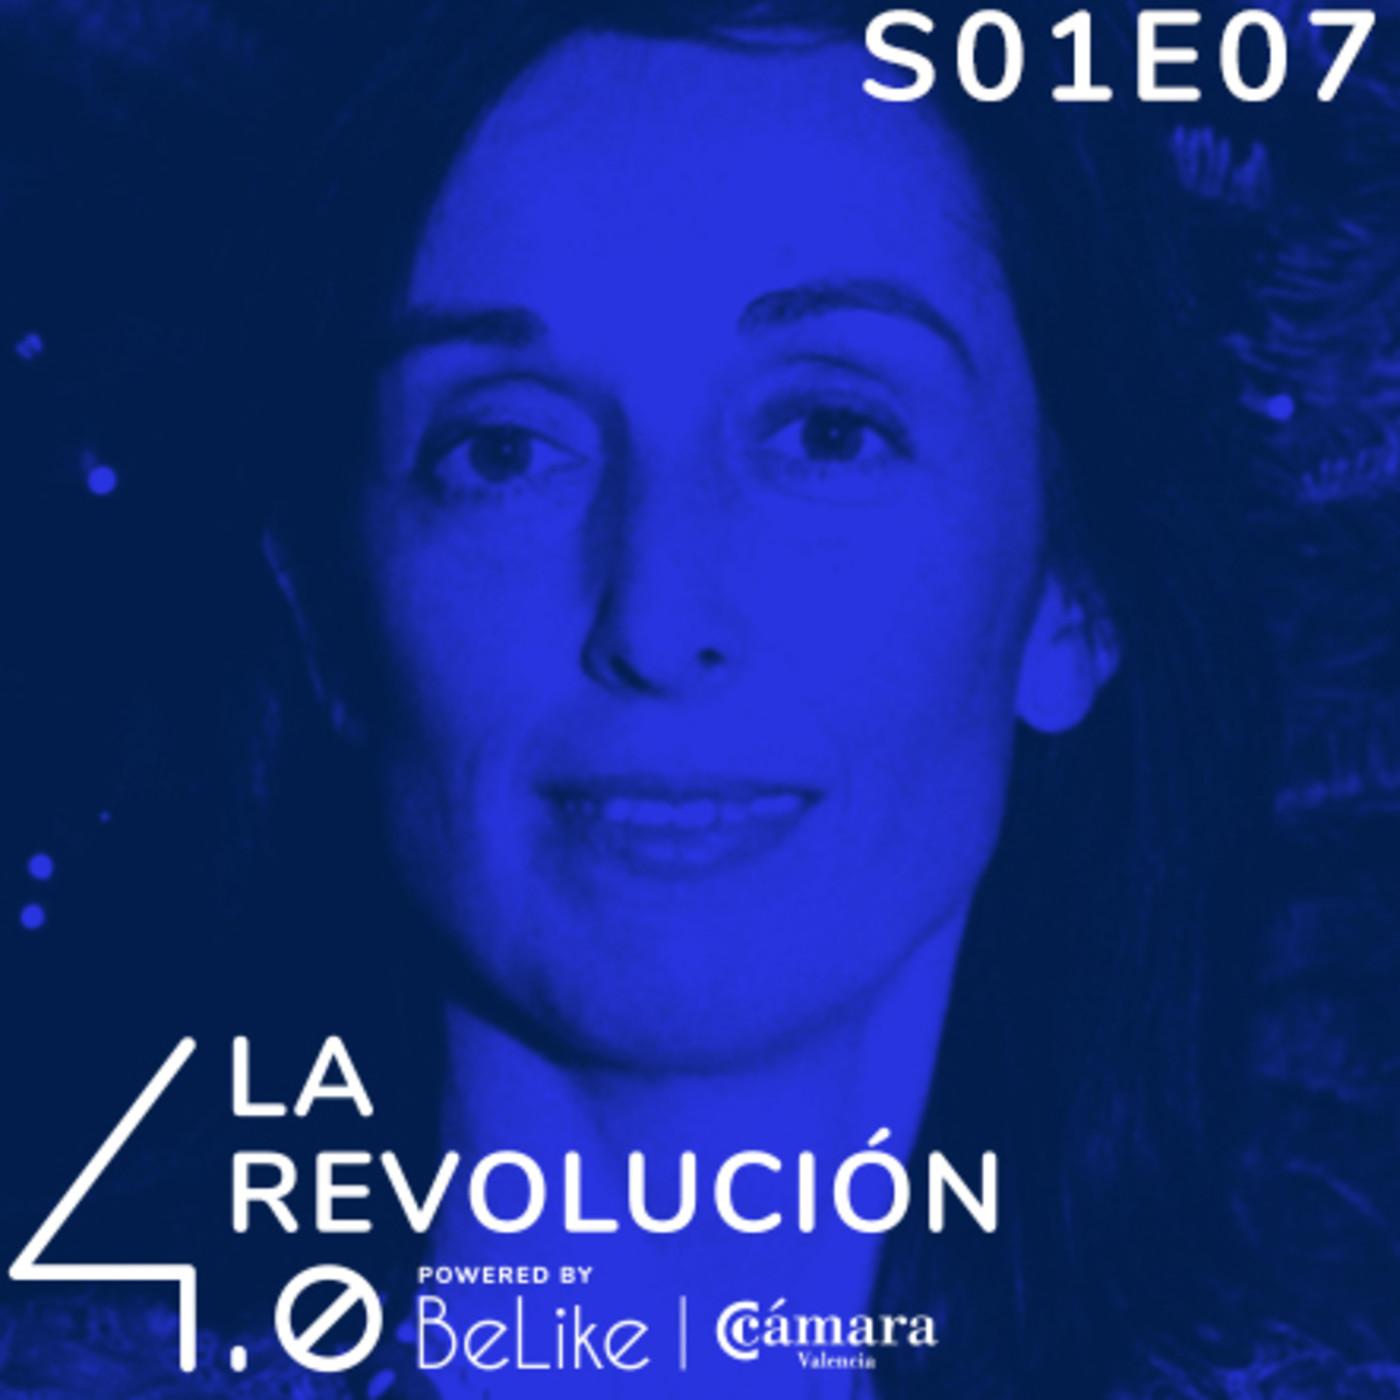 Episodio 7: Blockchain, IoT, mujeres y tecnología, con Mercedes Carbonell, CIO de Boluda